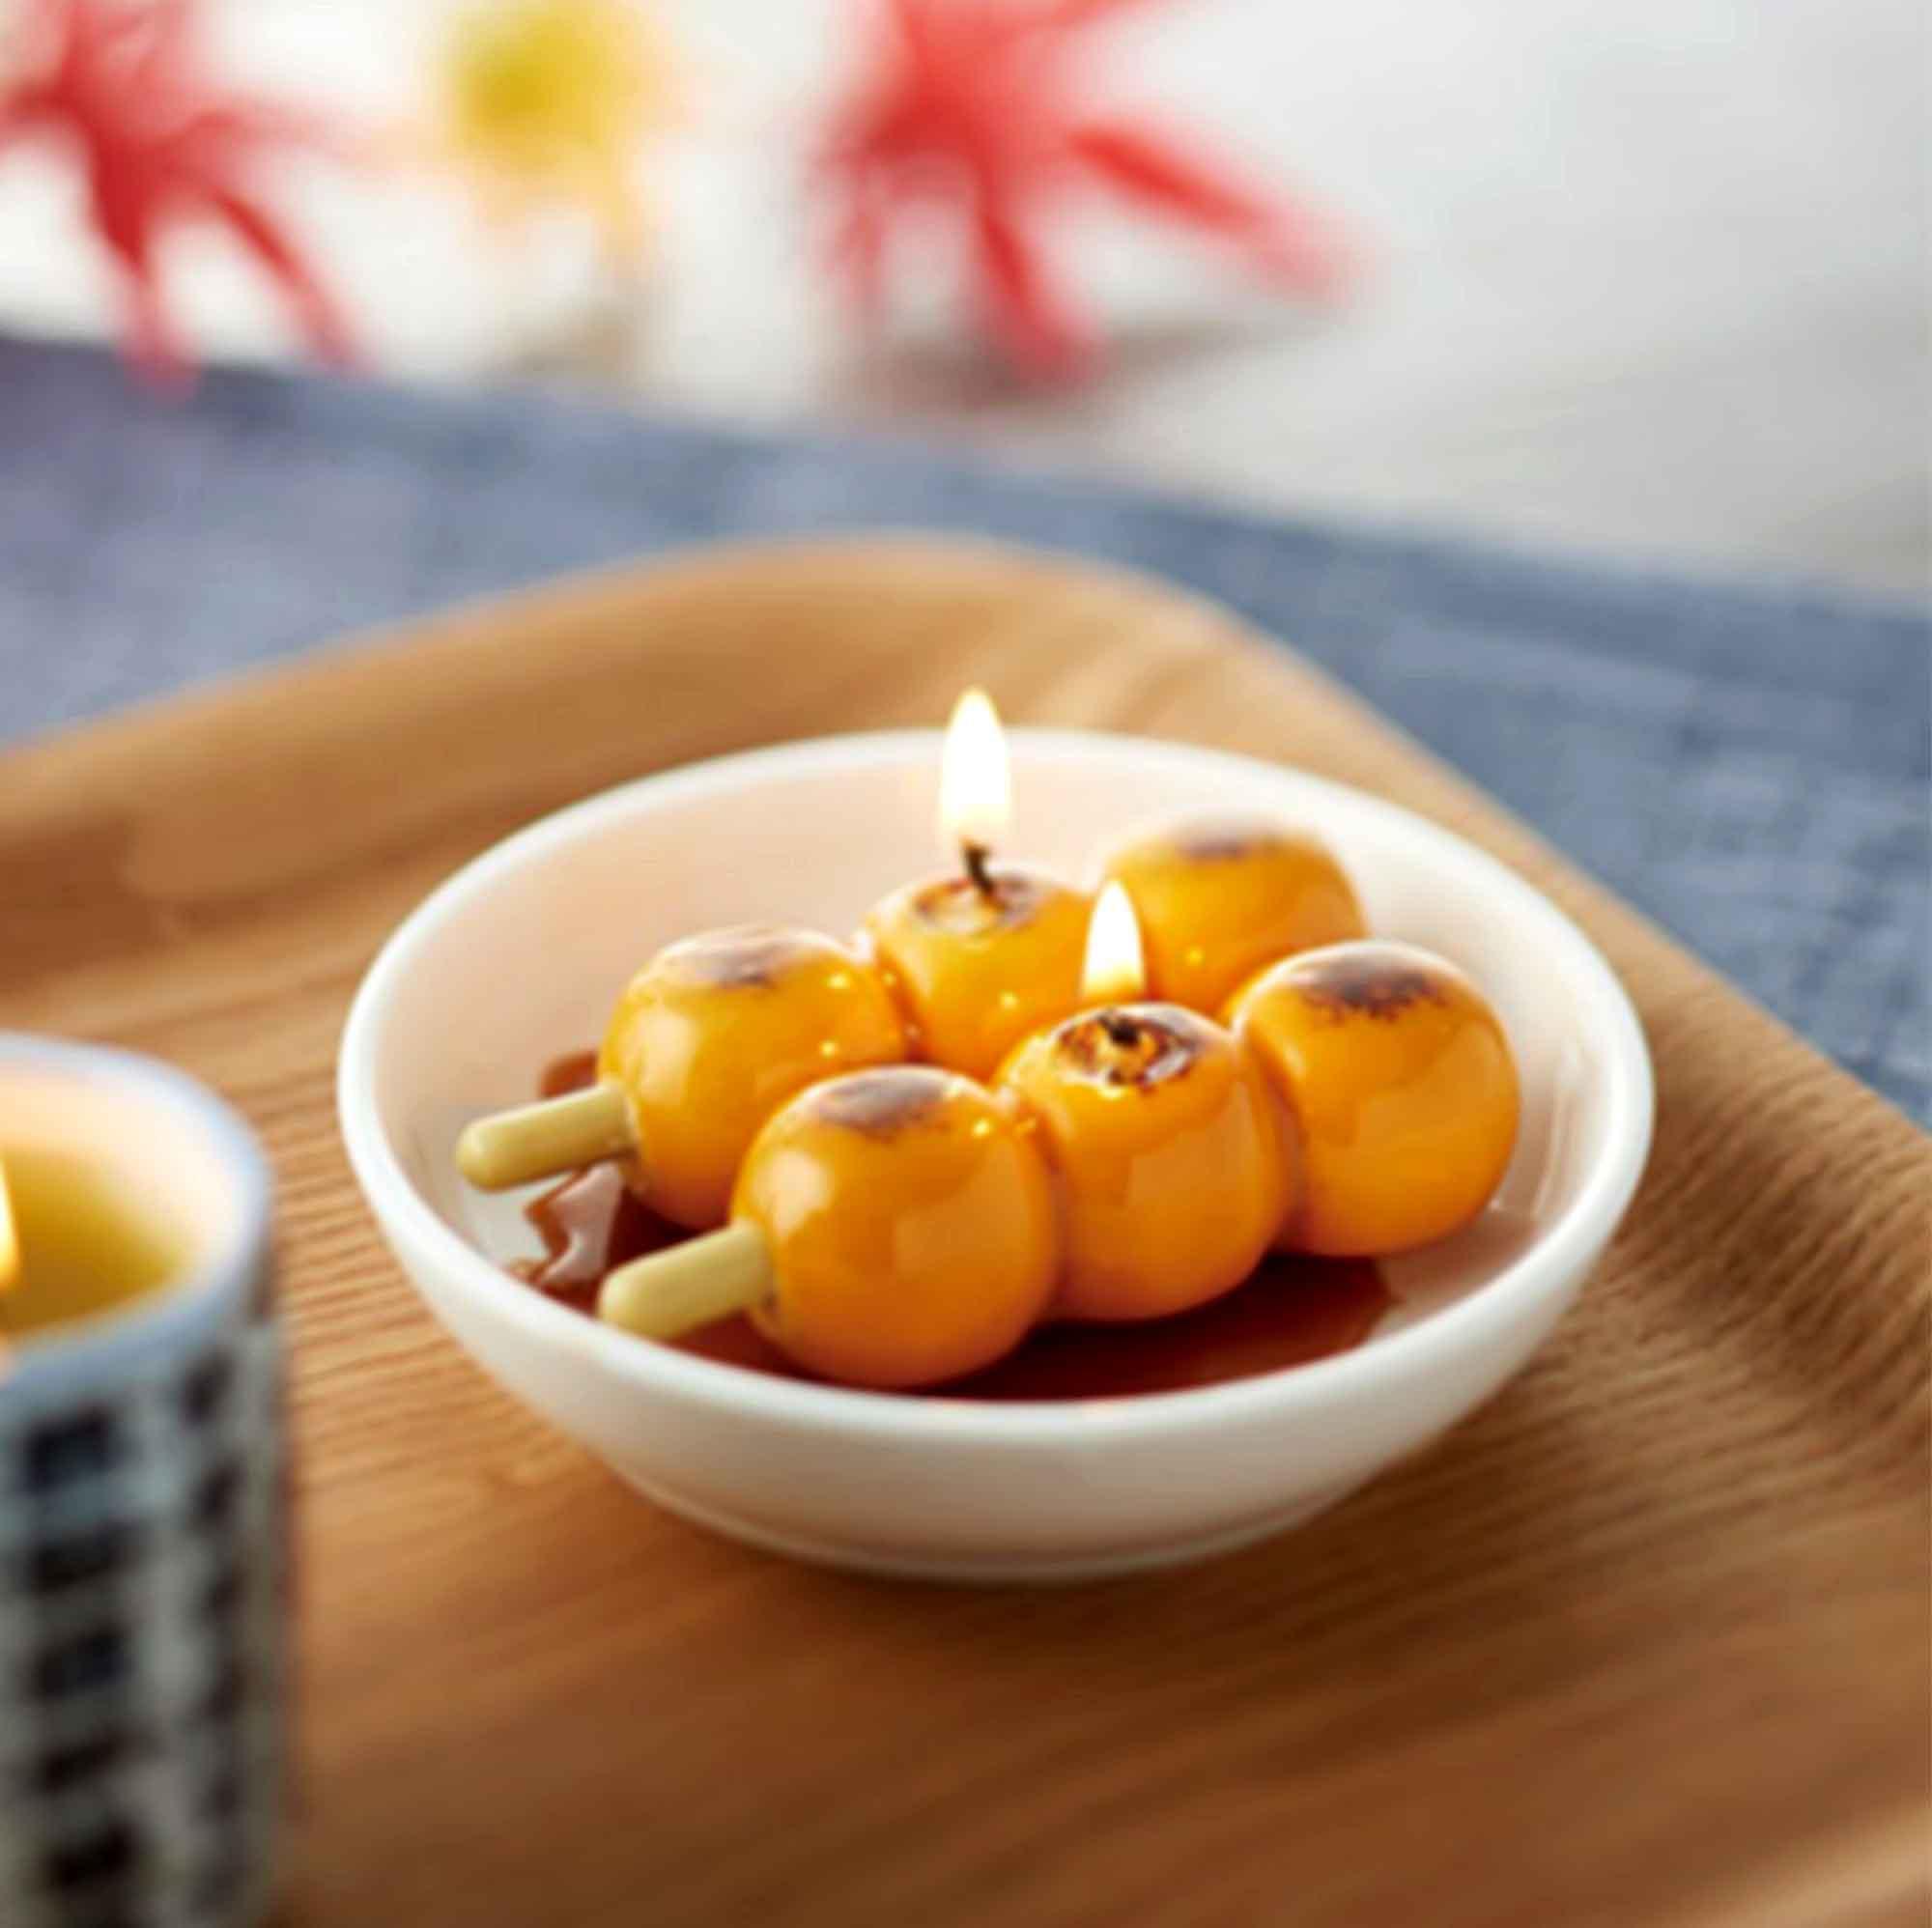 kobutu-candle-image2